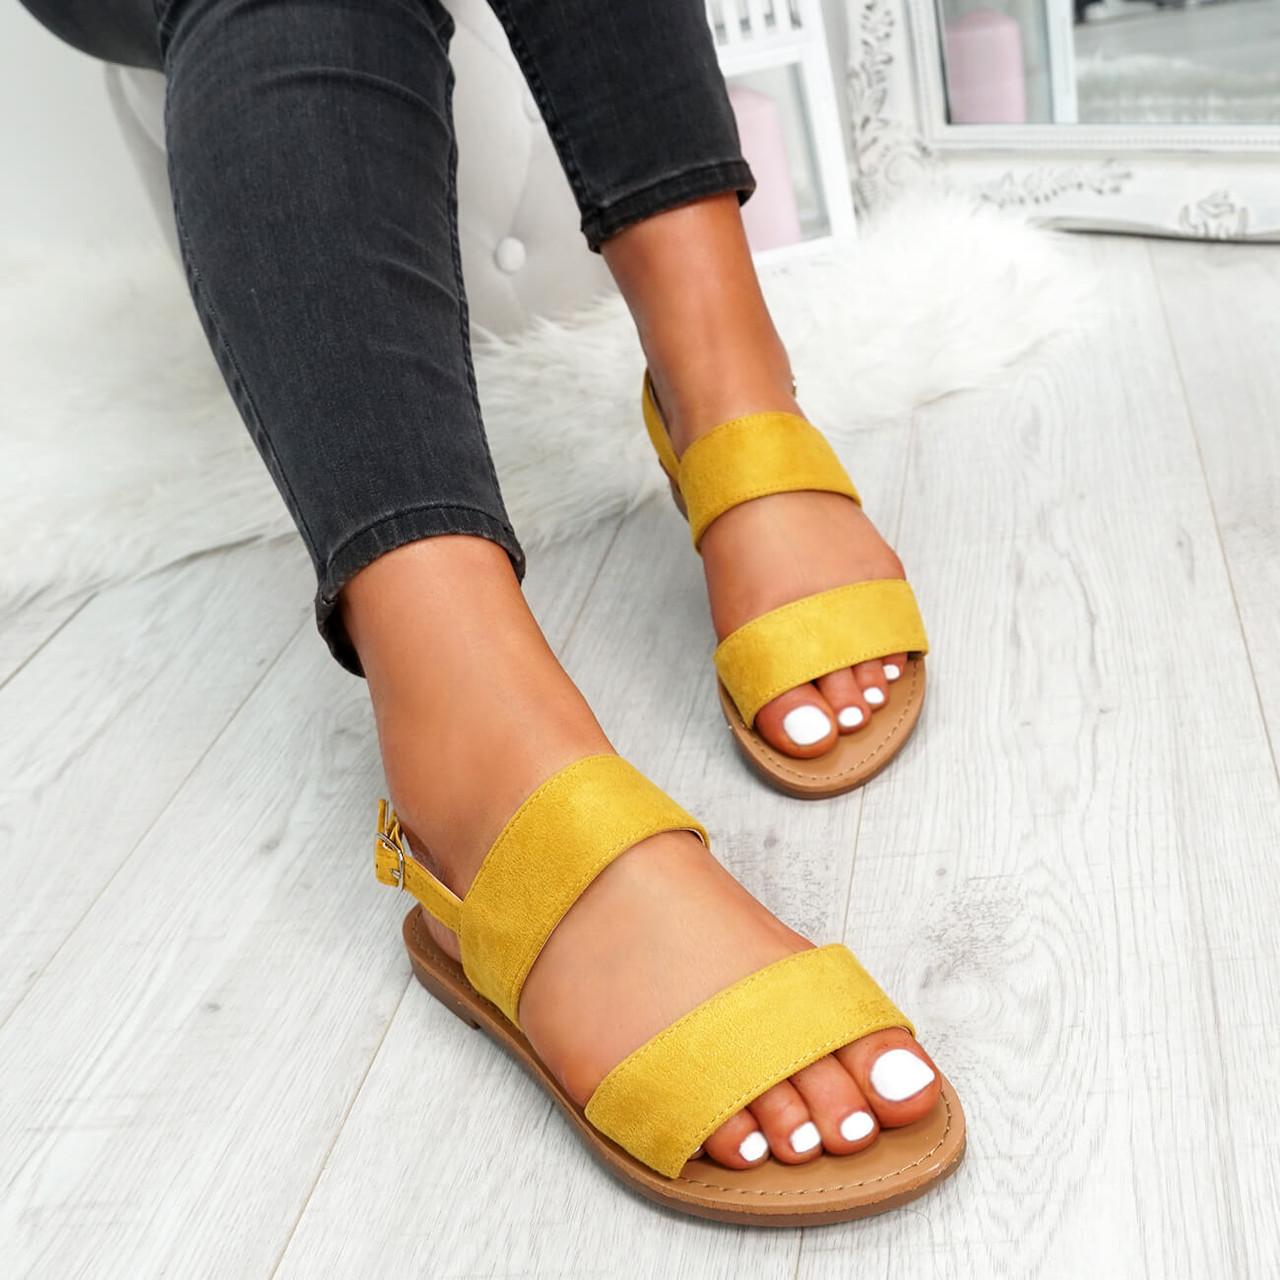 Kuto Yellow Flat Sandals